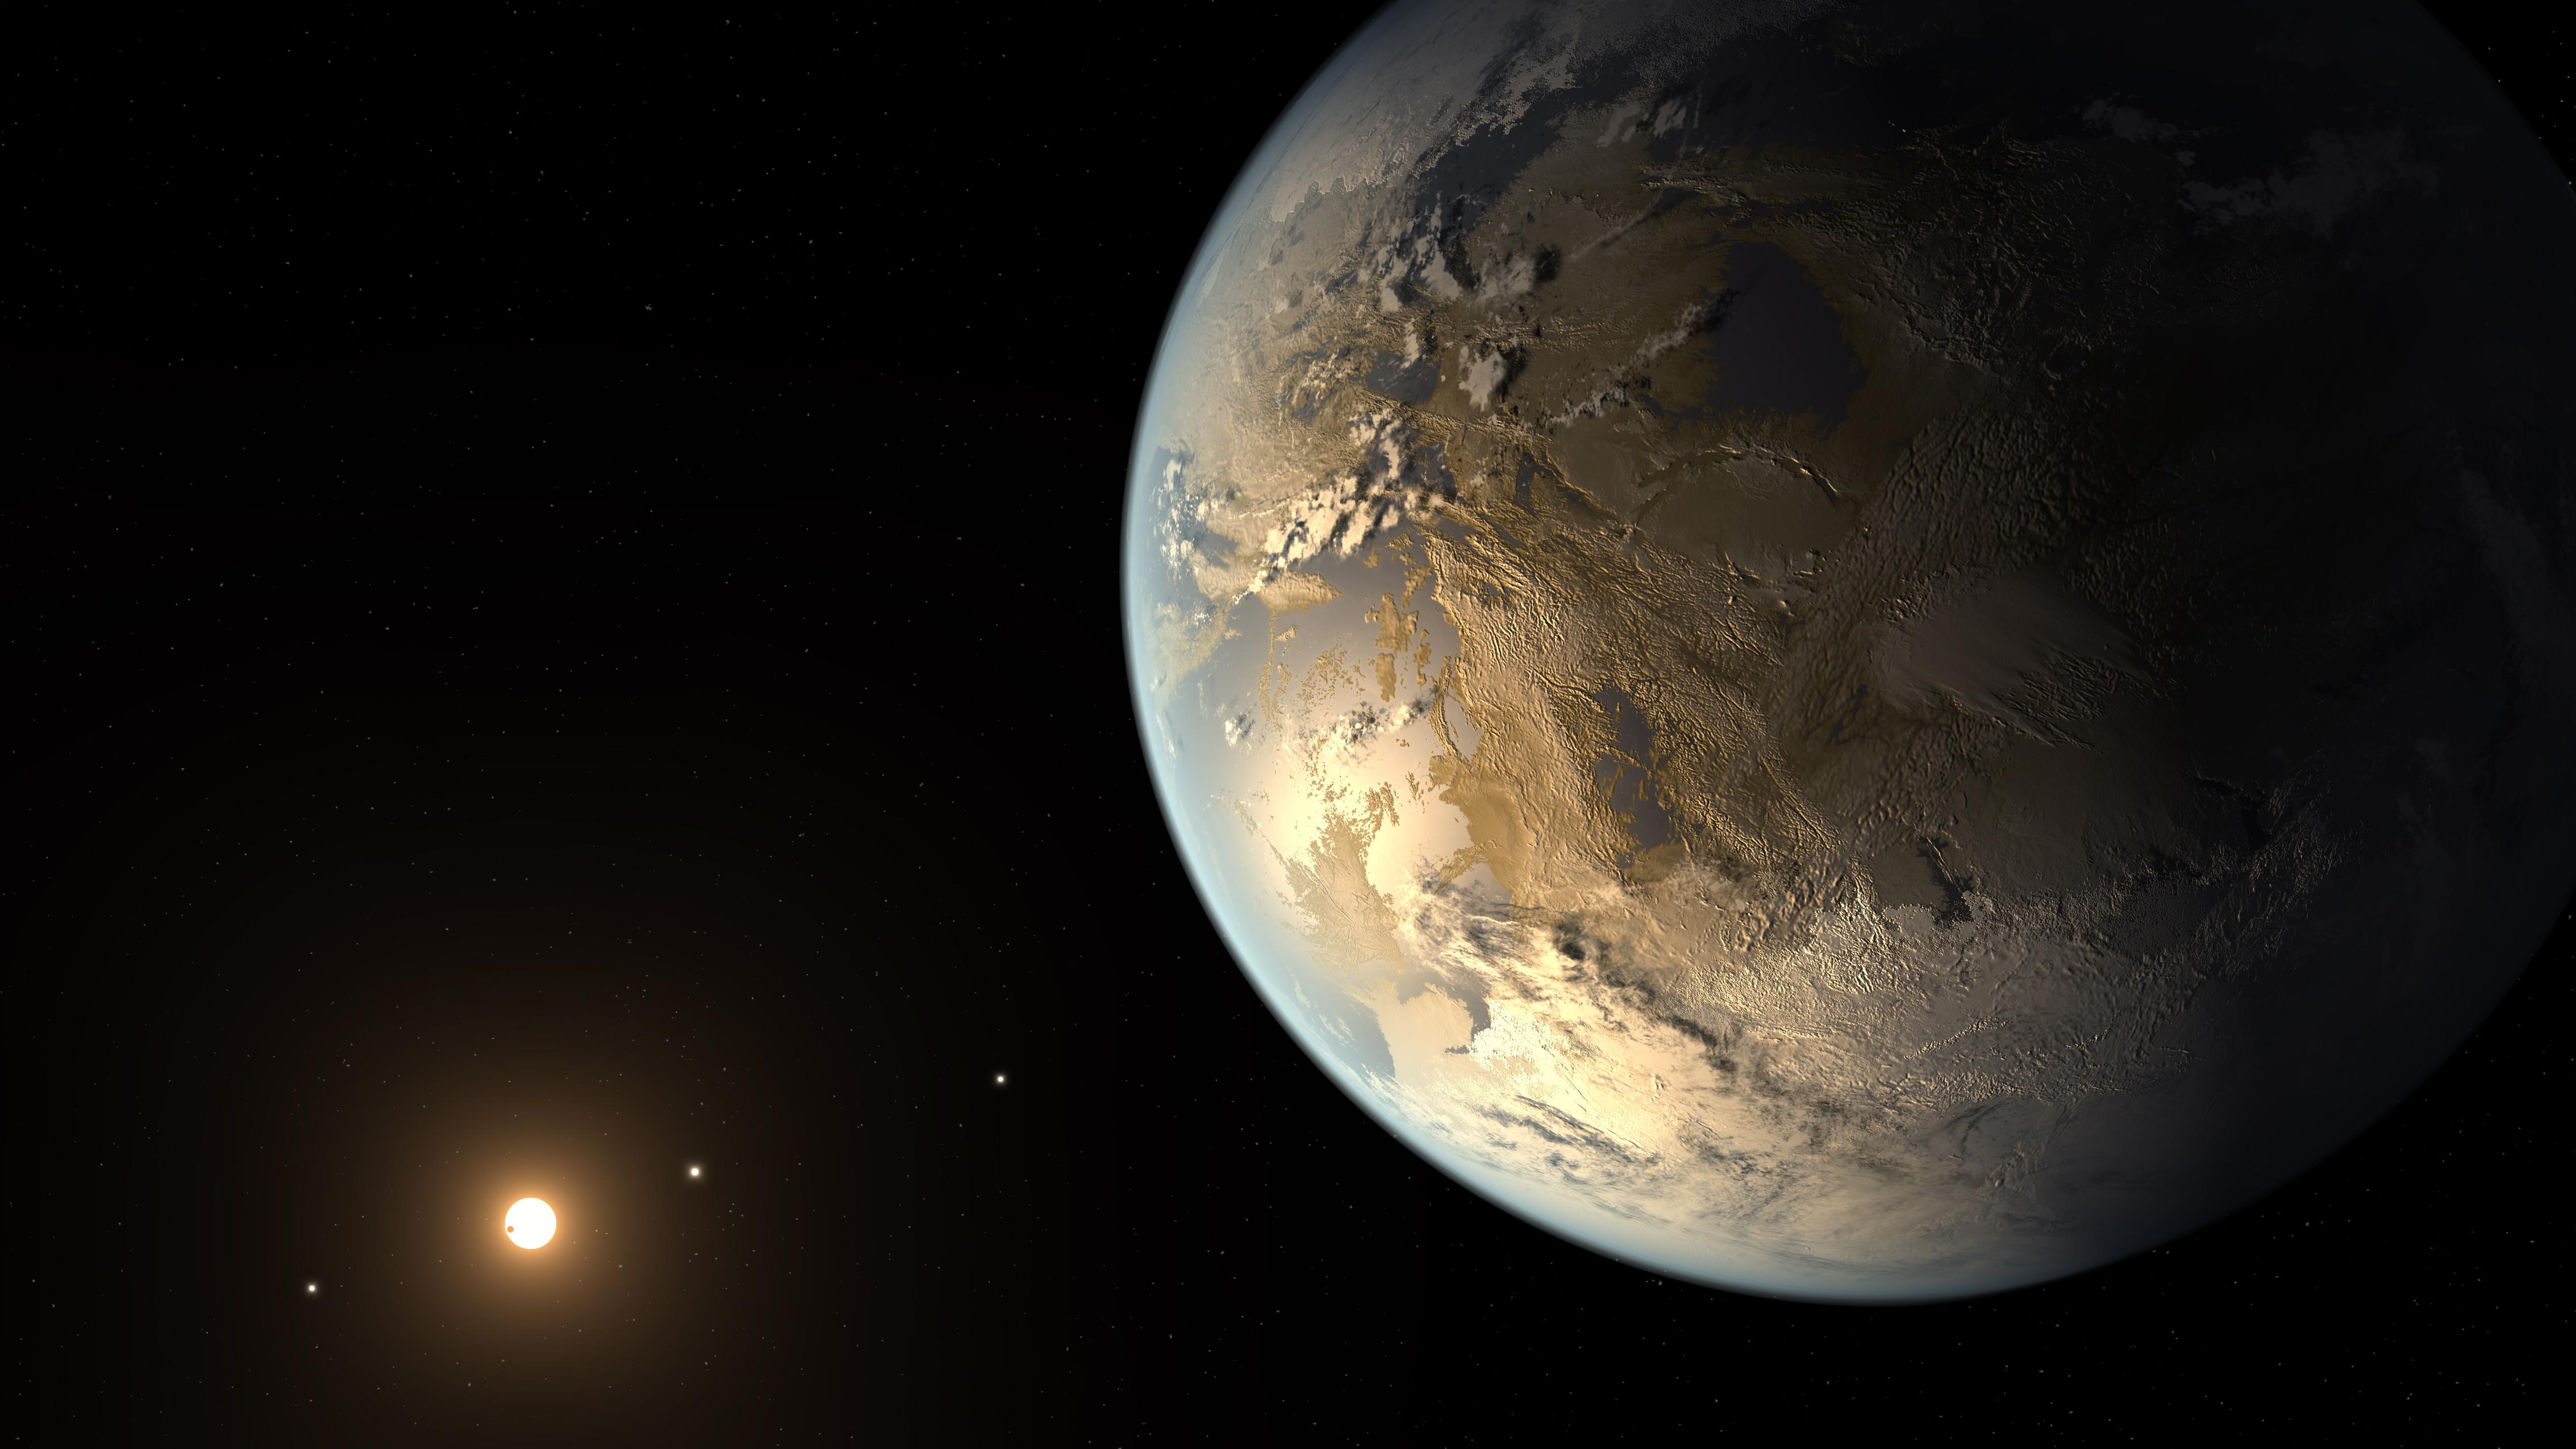 Investigadores confirmam a primeira deteção do satélite Kepler